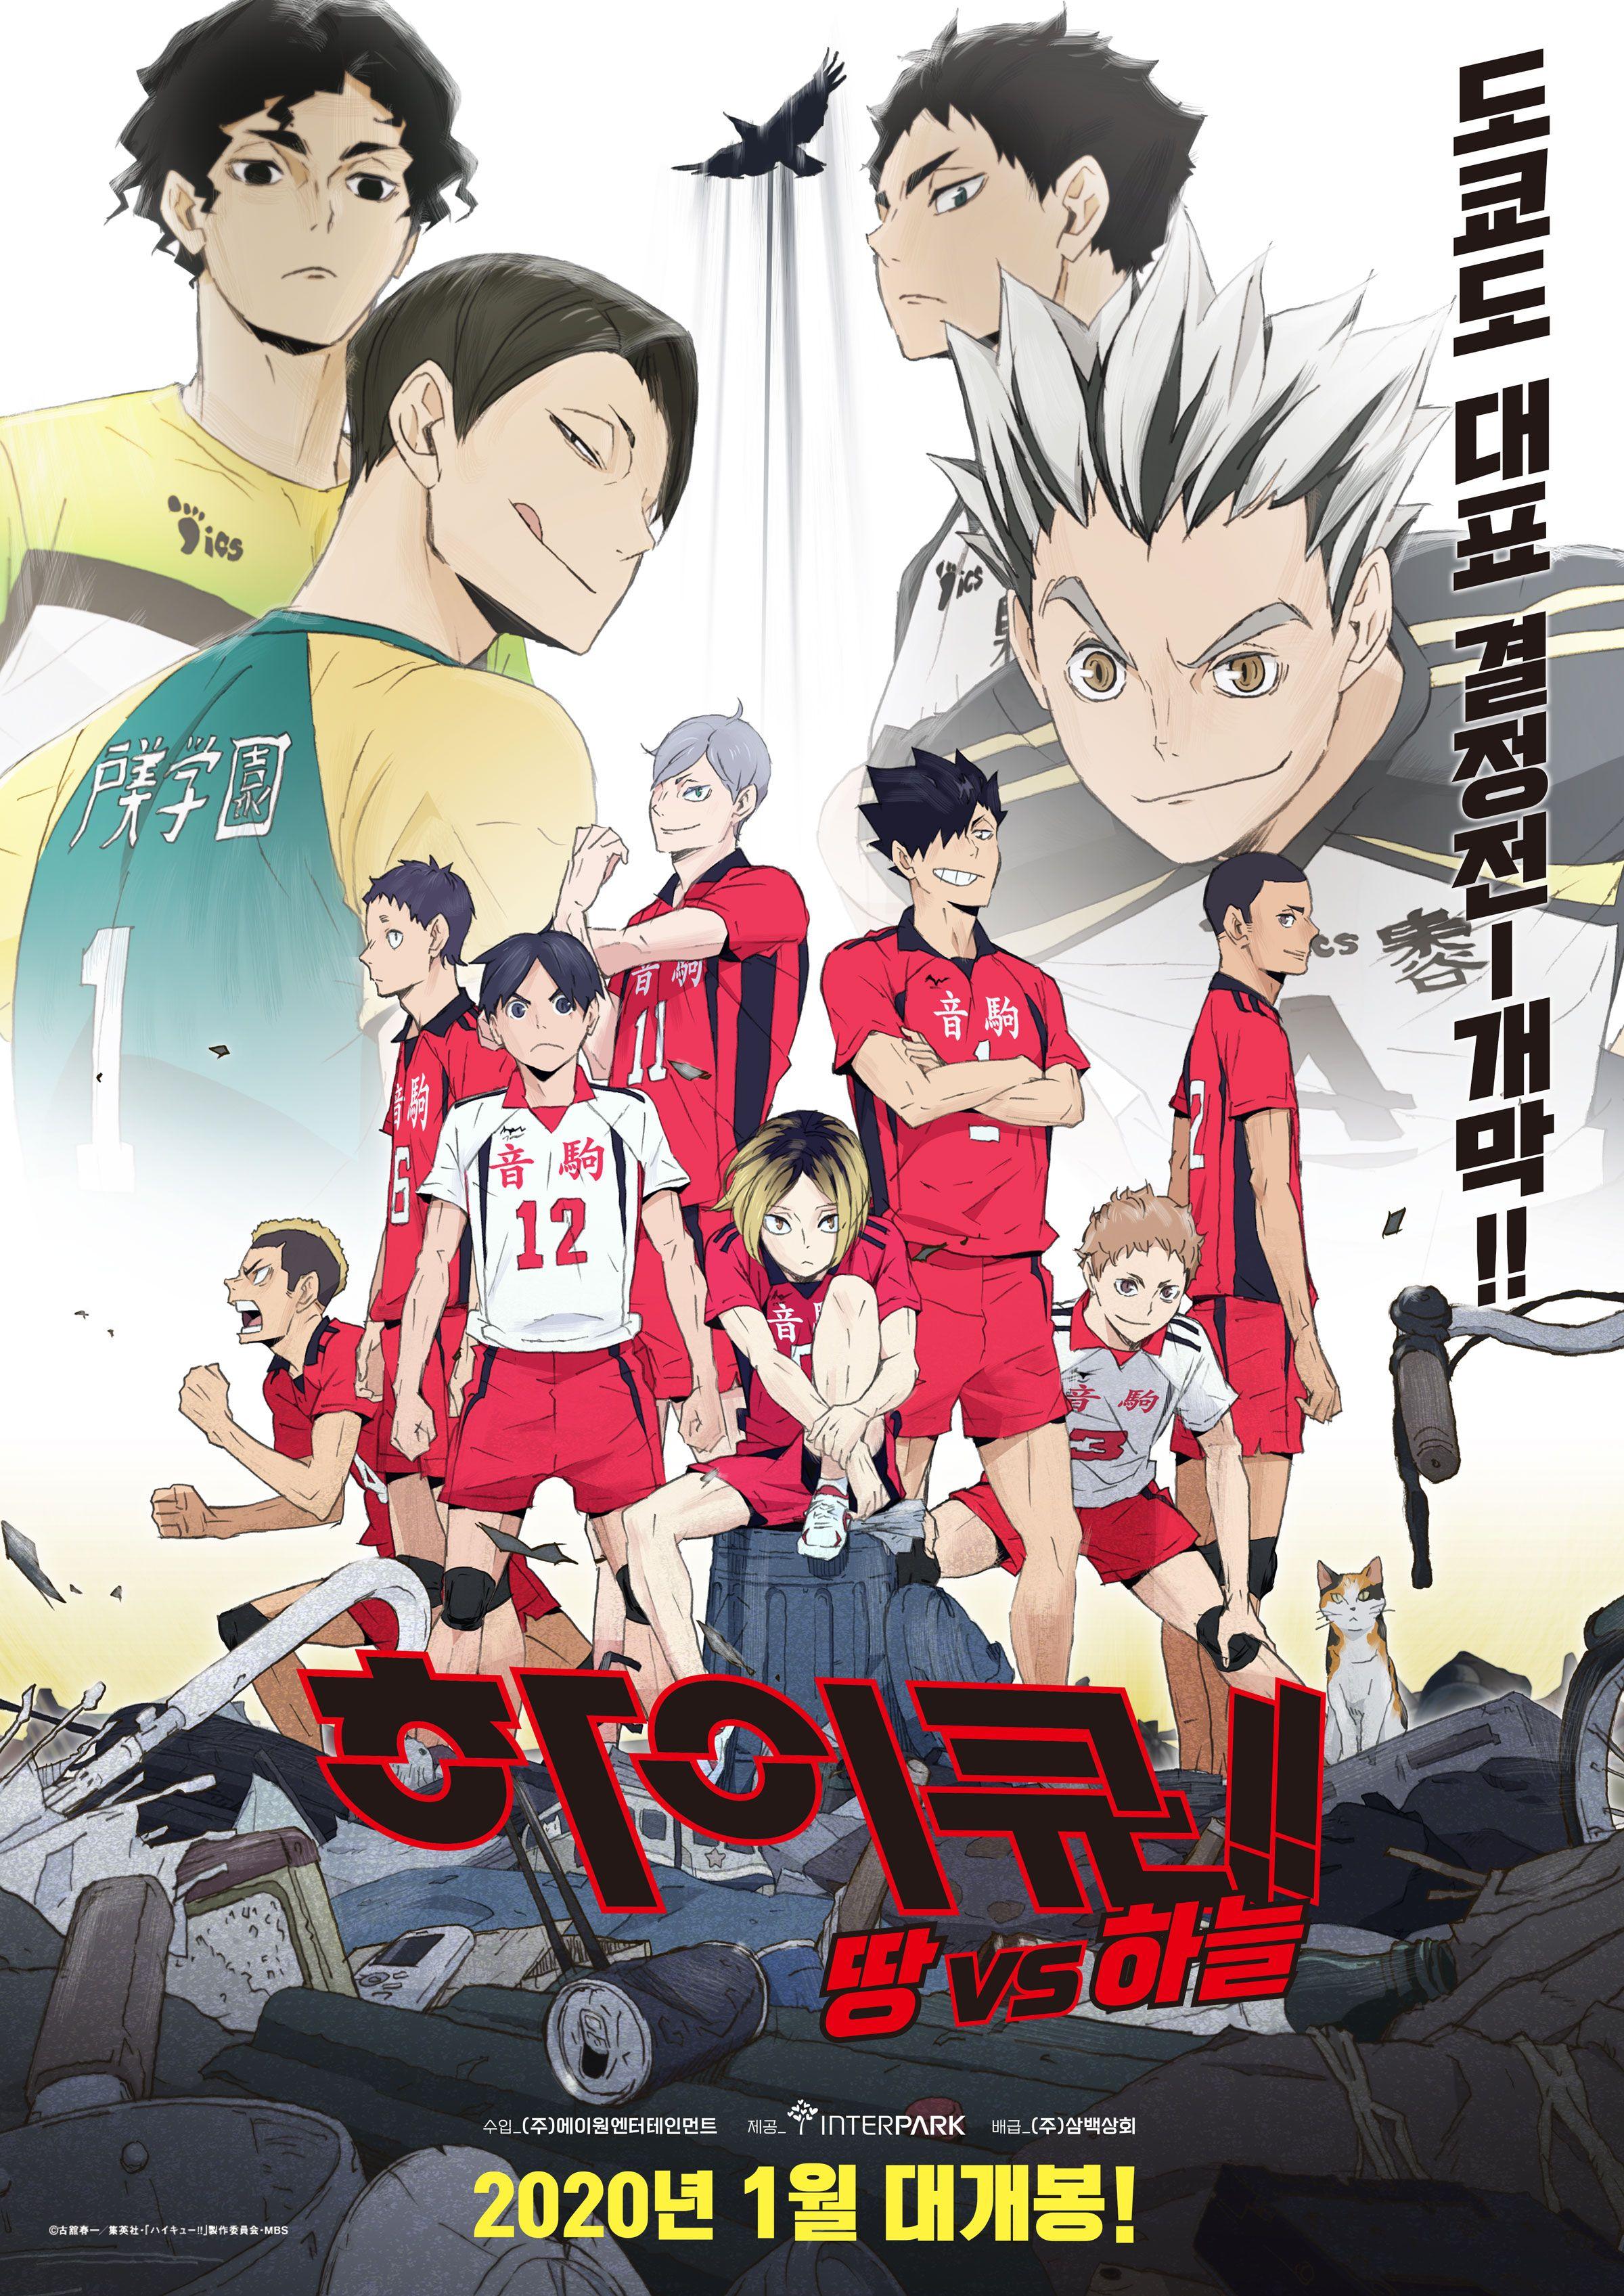 Haikyuu To The Top In 2020 Haikyuu Anime Haikyuu Nekoma Anime